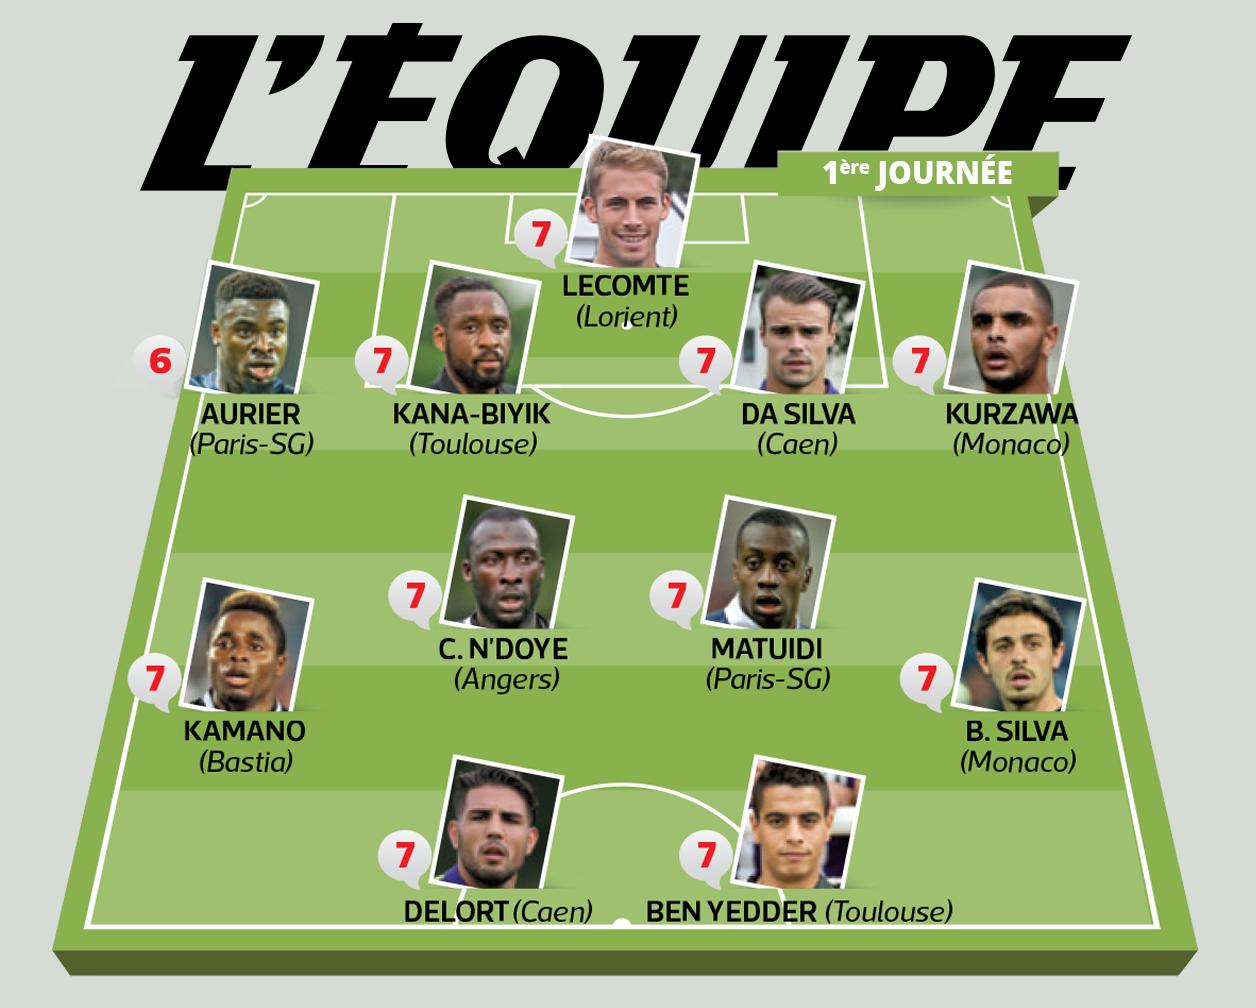 L'équipe type de la 1ère journée de Ligue 1 http://t.co/CWKXG4DsTx